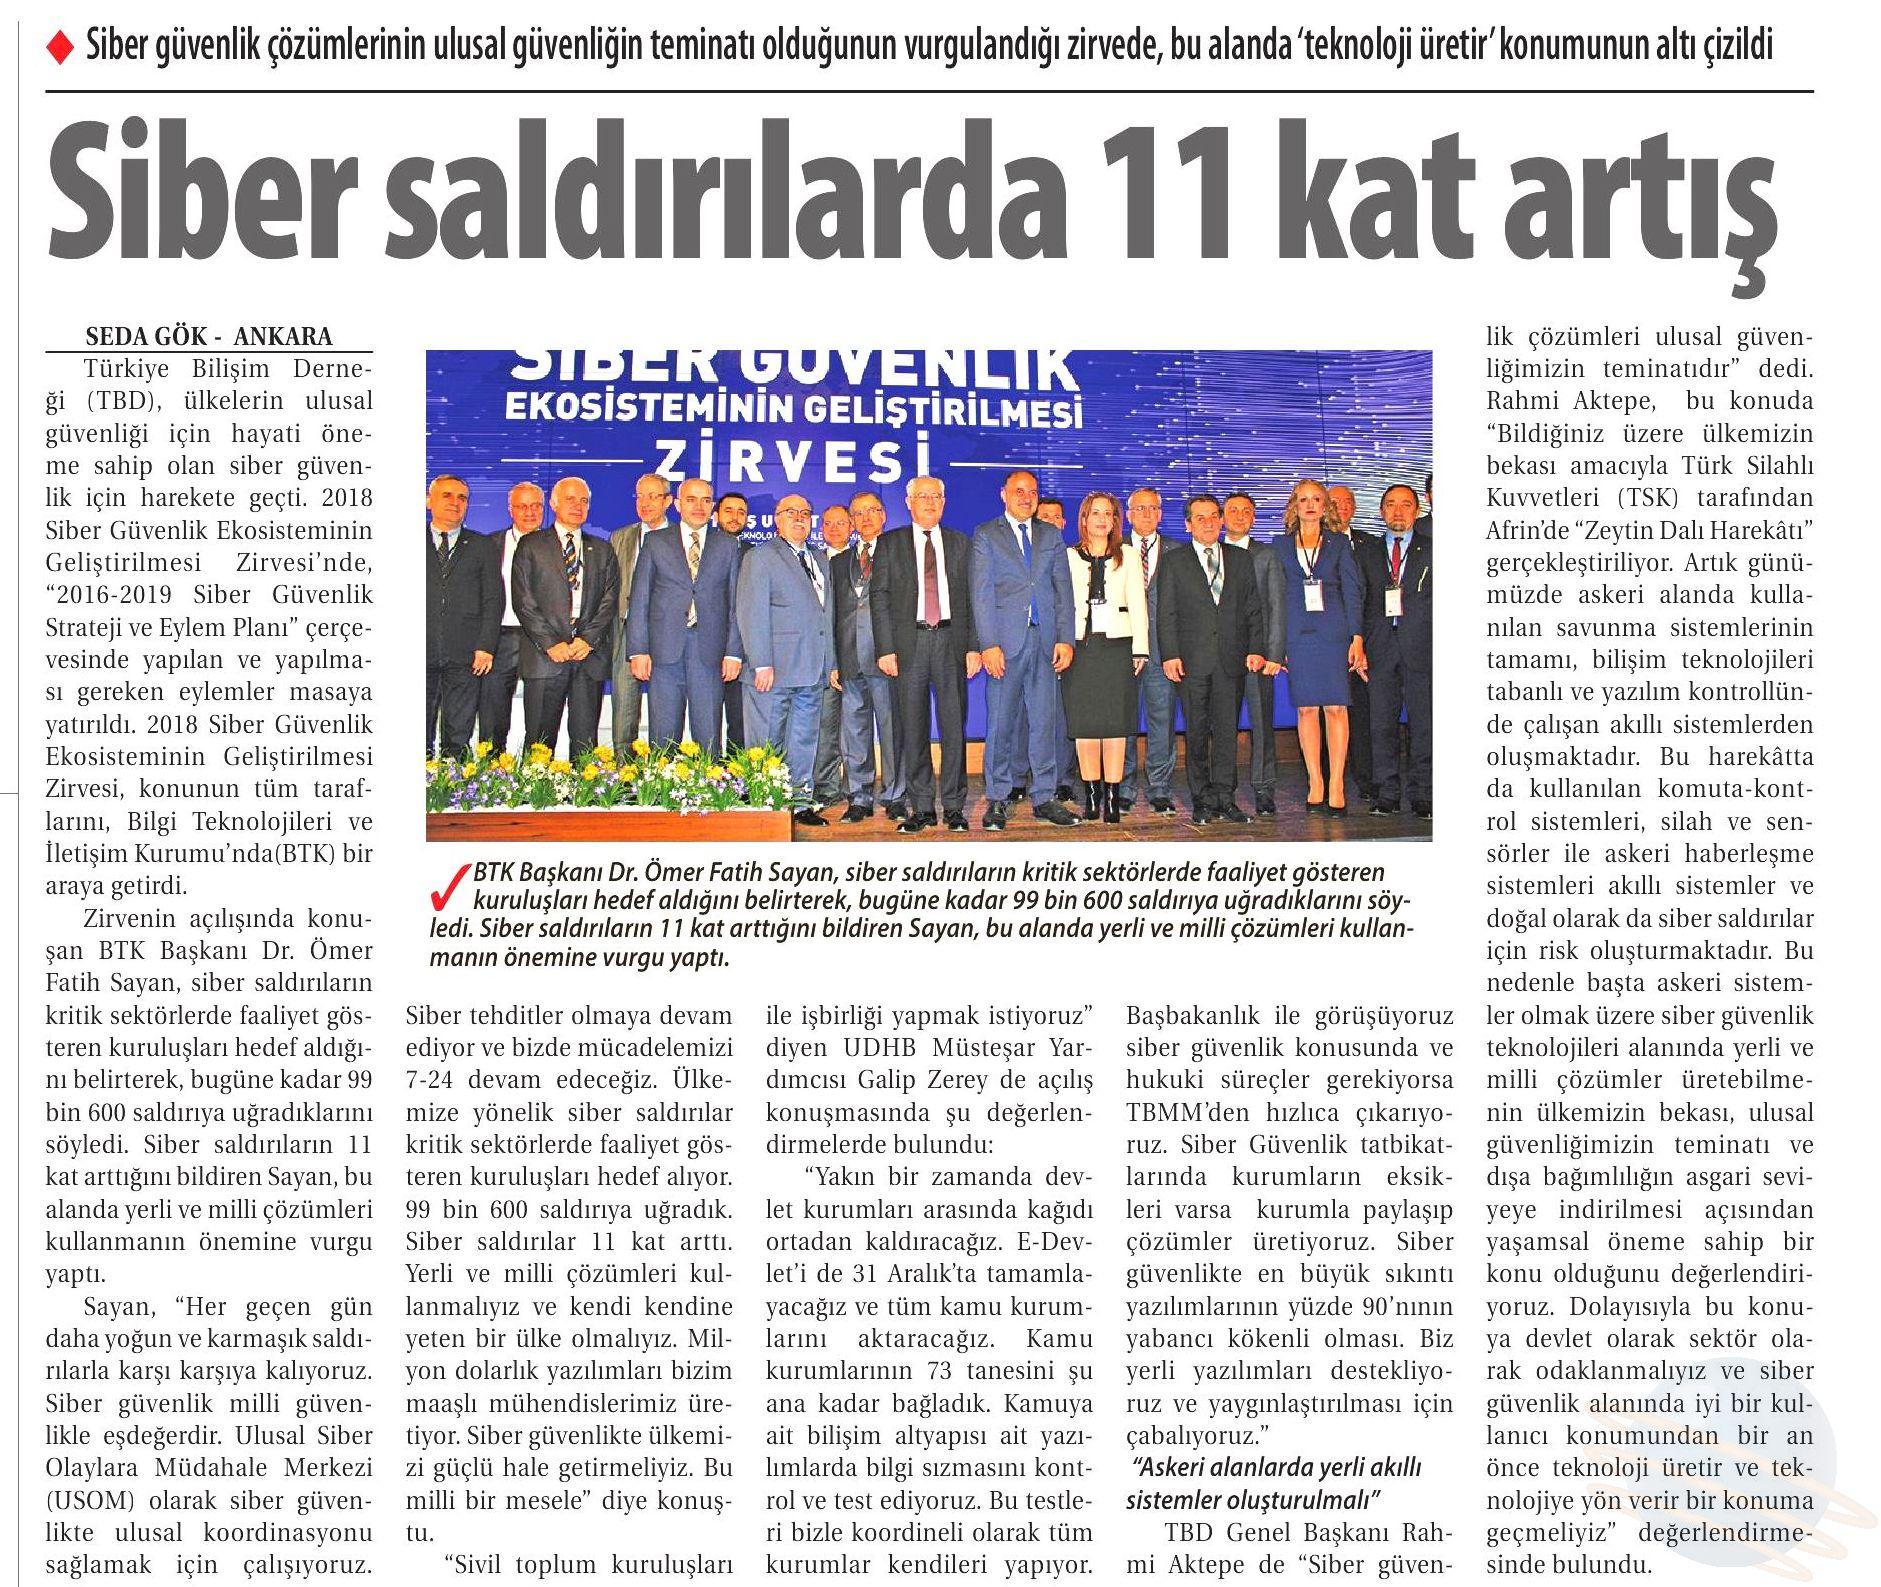 siber-saldirilarda-11-kat-artis-ticaret-gazetesi-tbd